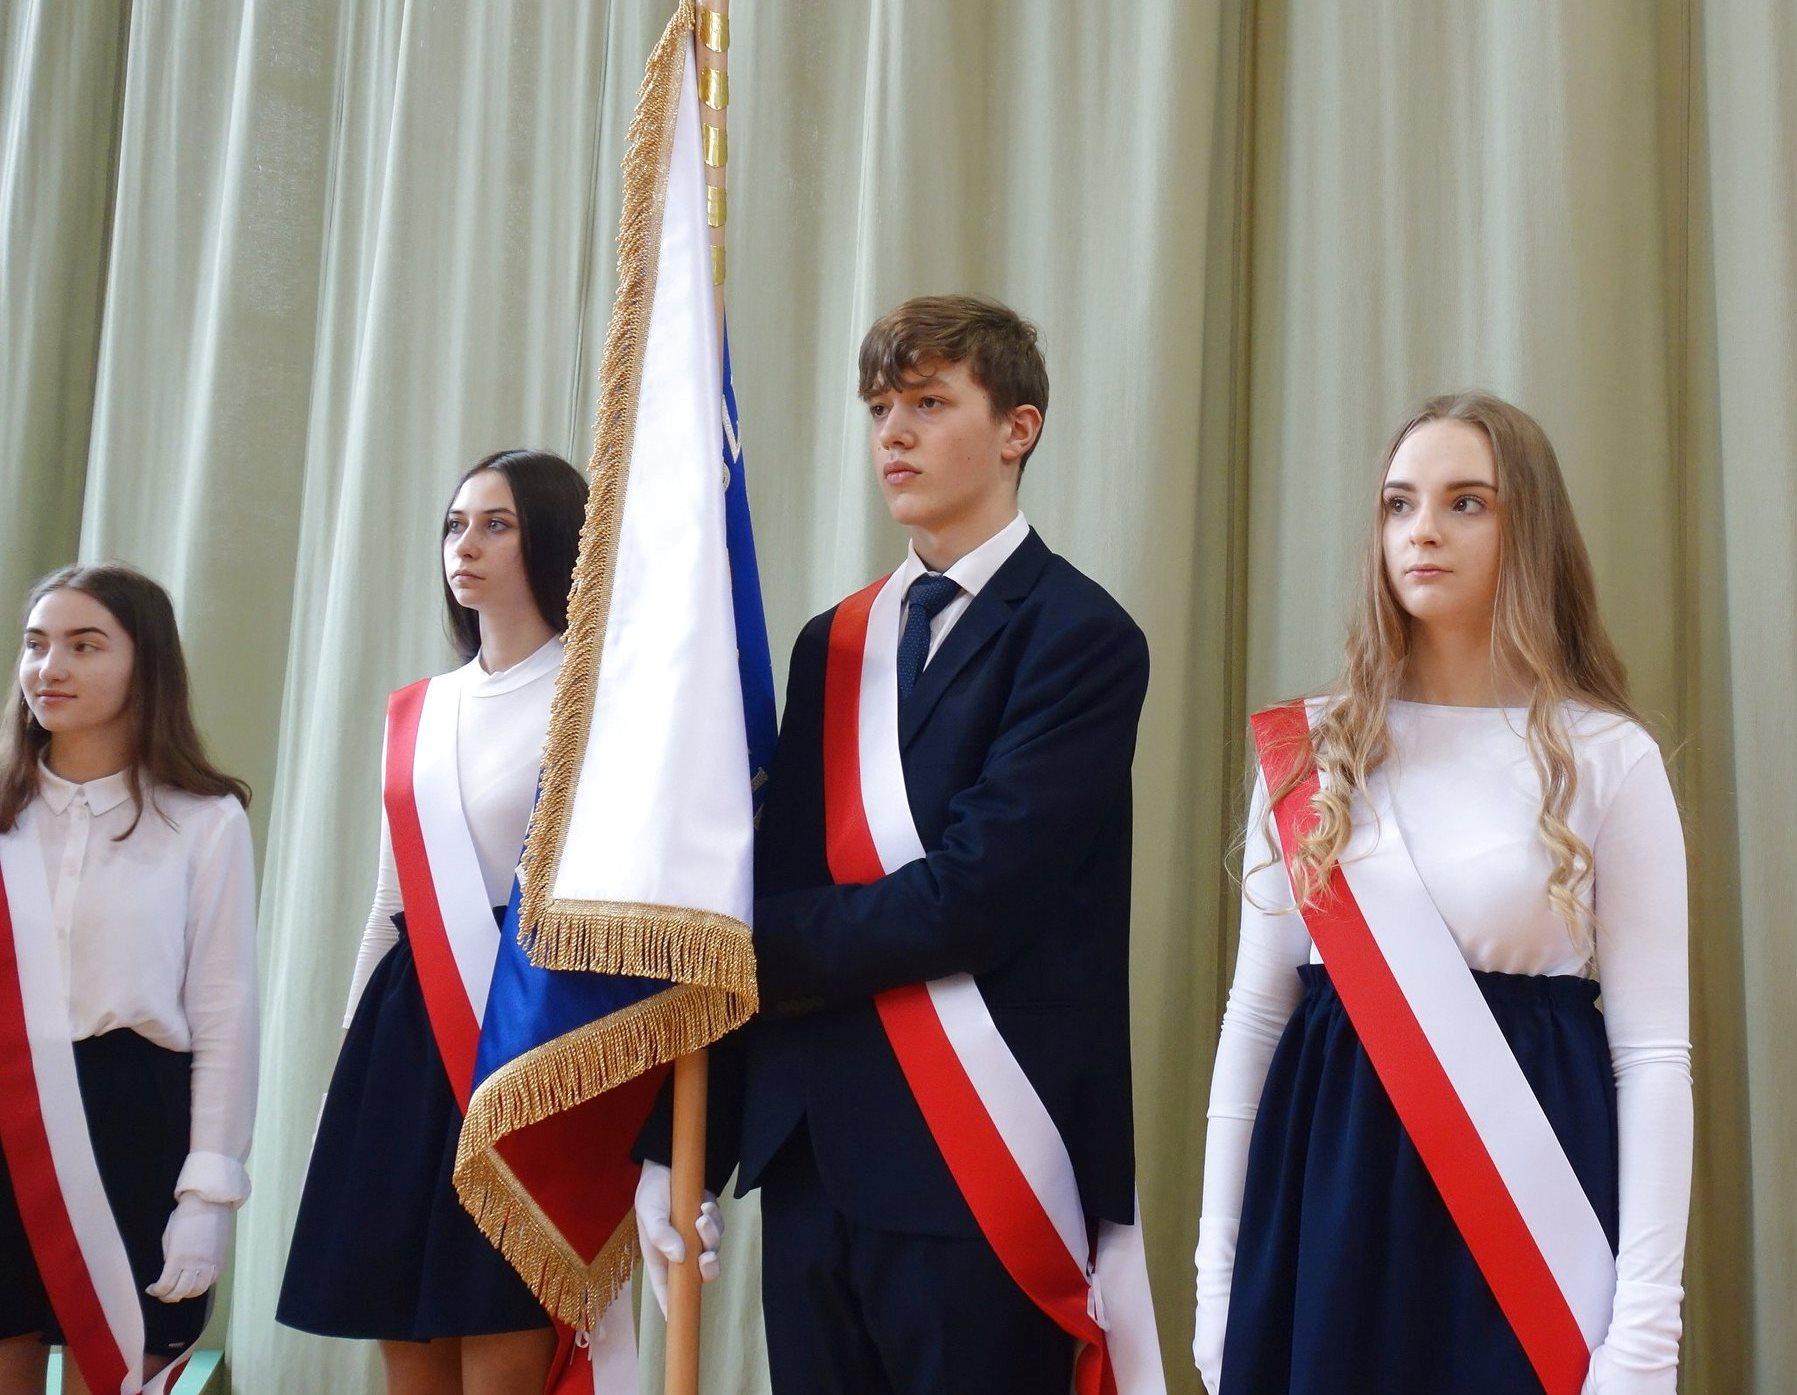 Poseł Piotr Müller wziął udział w uroczystościach przekazania Szkole Podstawowej w Objeździe nowego sztandaru